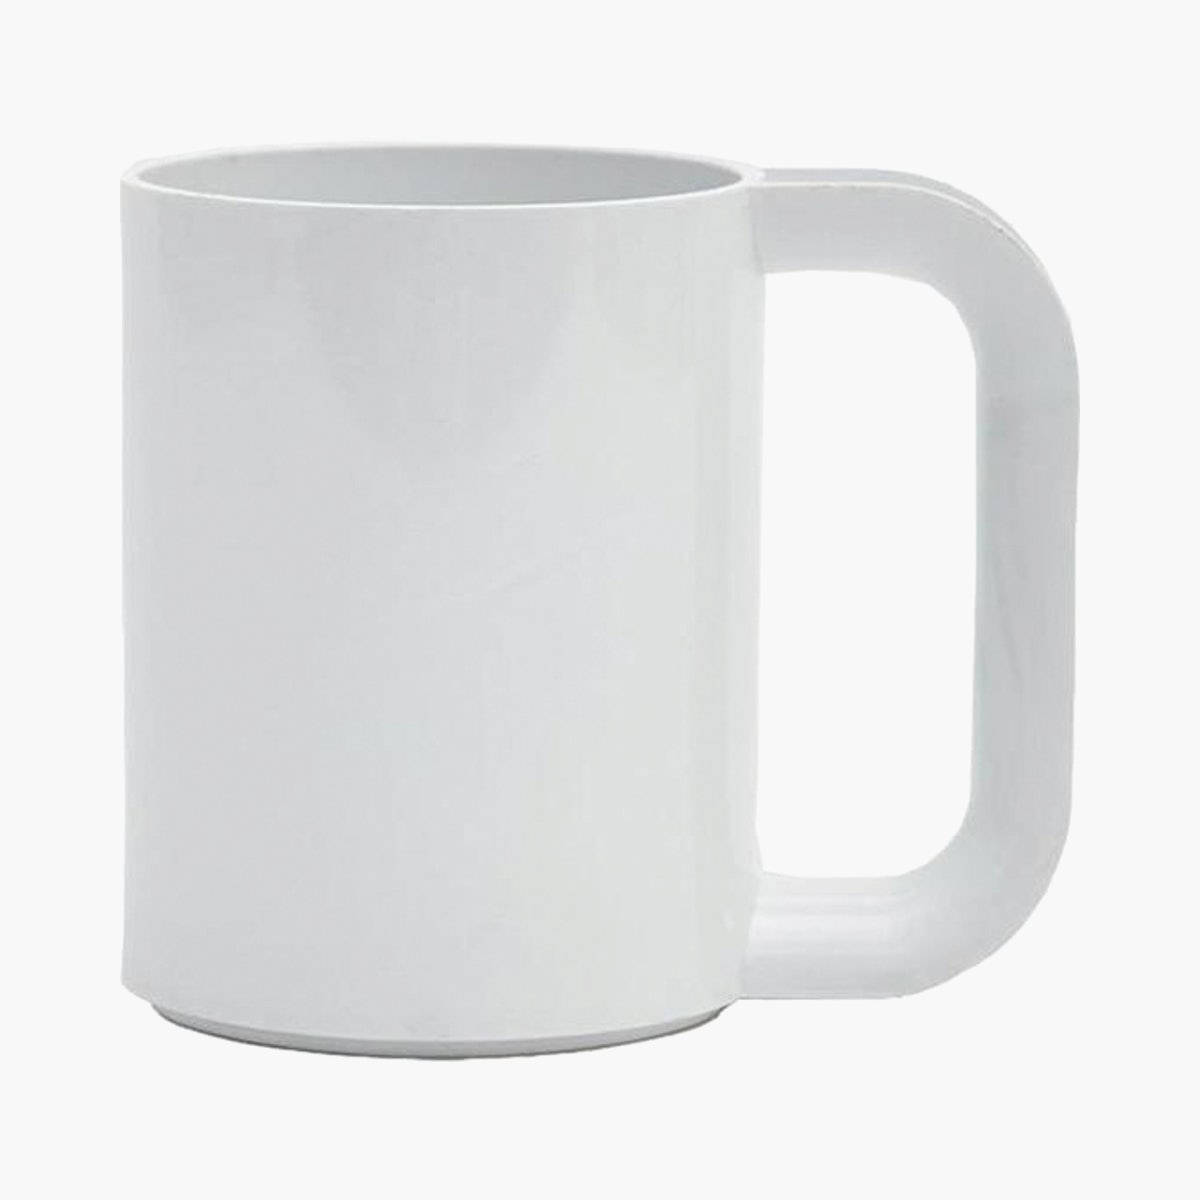 Heller Dinnerware - Mug, White